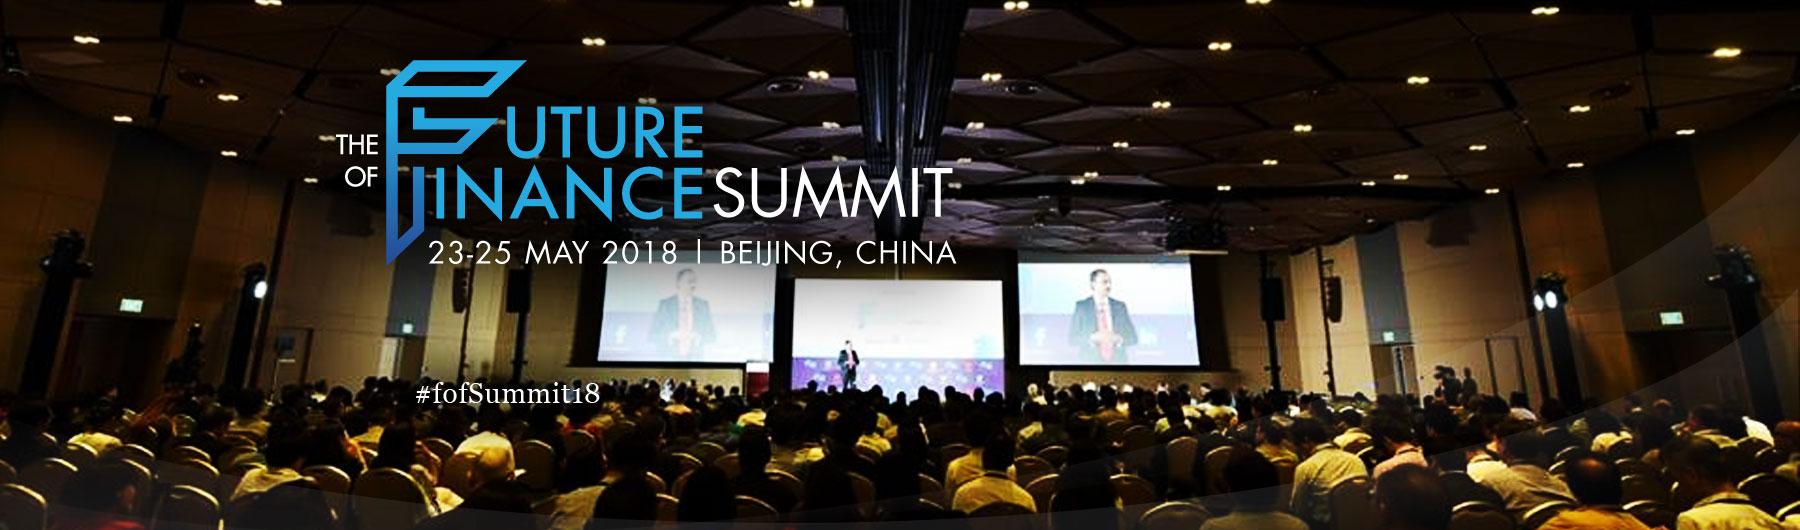 The Future of Finance Summit 2018